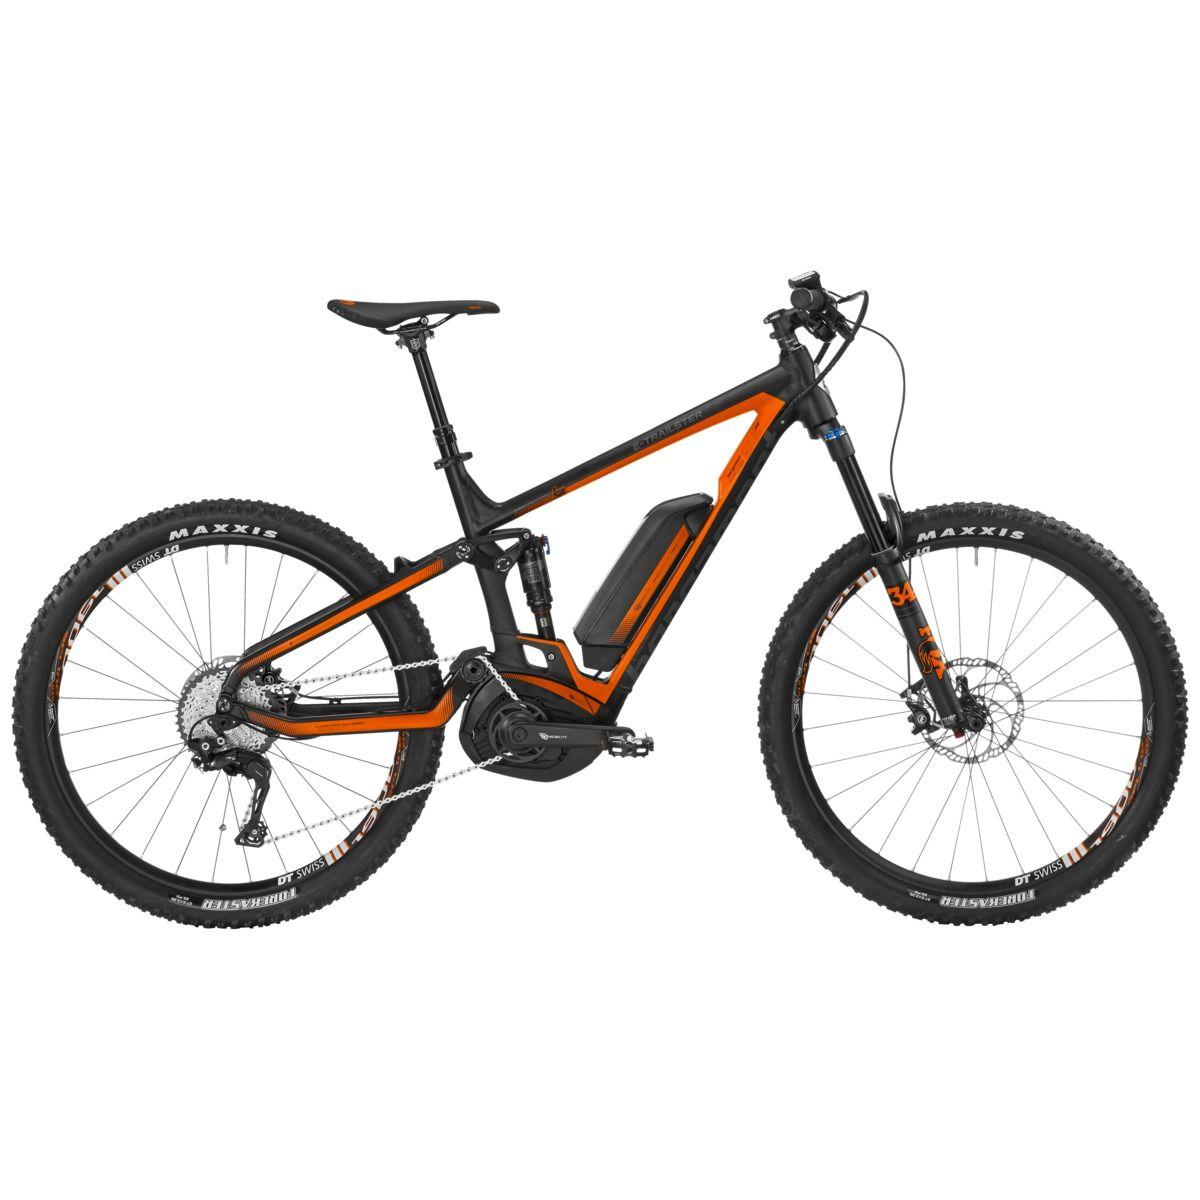 VTT électrique Bergamont E-Trailster 8.0 Noir/Orange - M